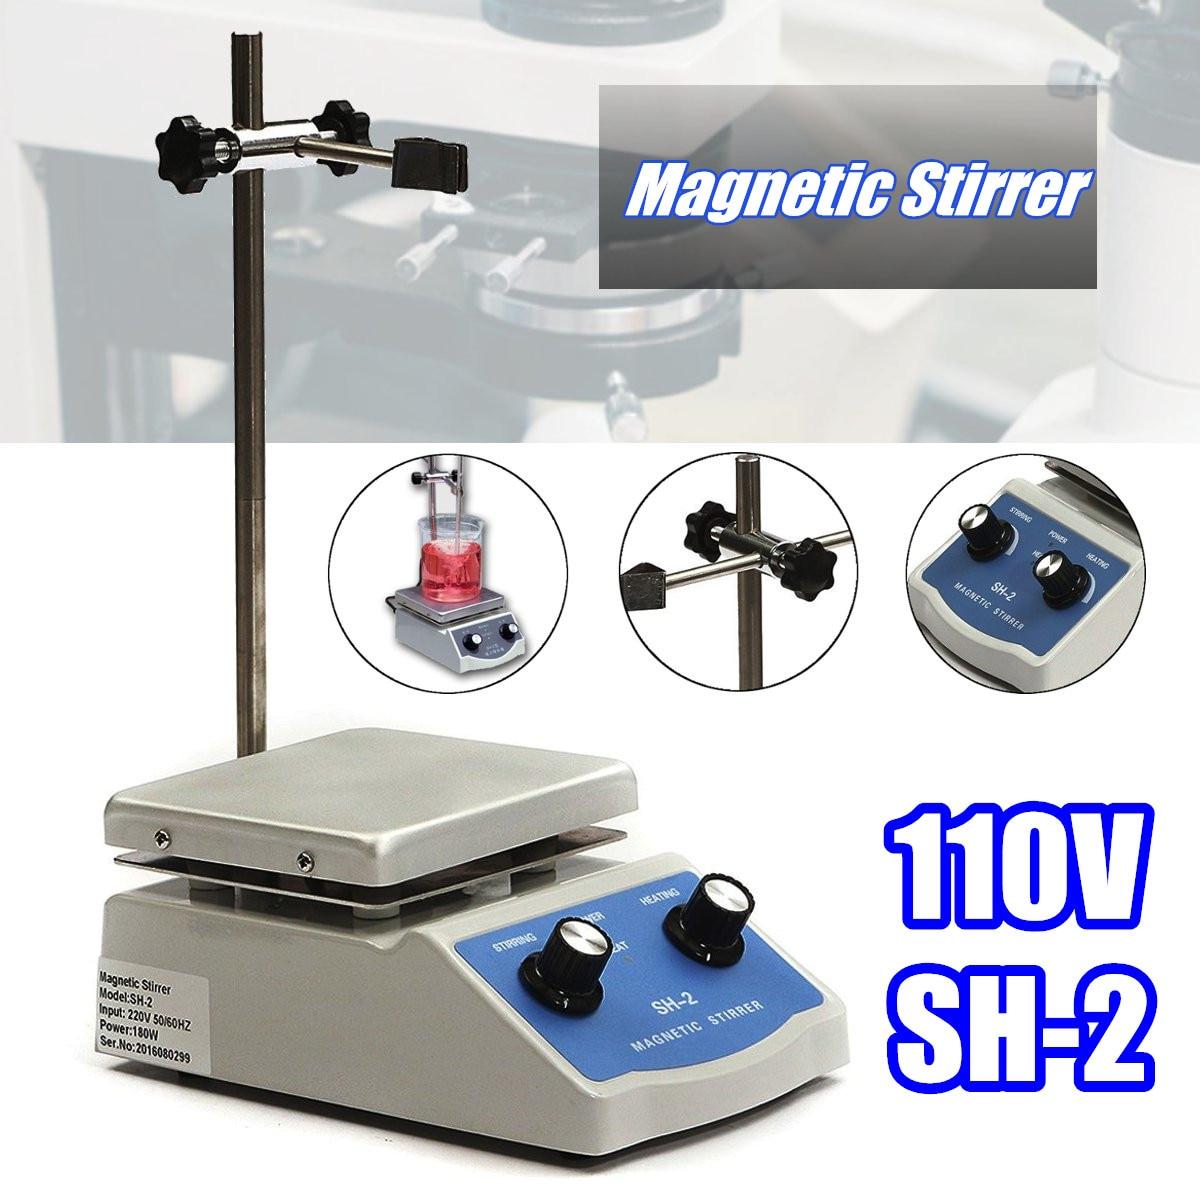 New Hot Plate Magnetic Stirrer 110V/50Hz SH-2 Hot Plate Magnetic Stirring Machine Stir Healthcare Lab Stepless Adjustable